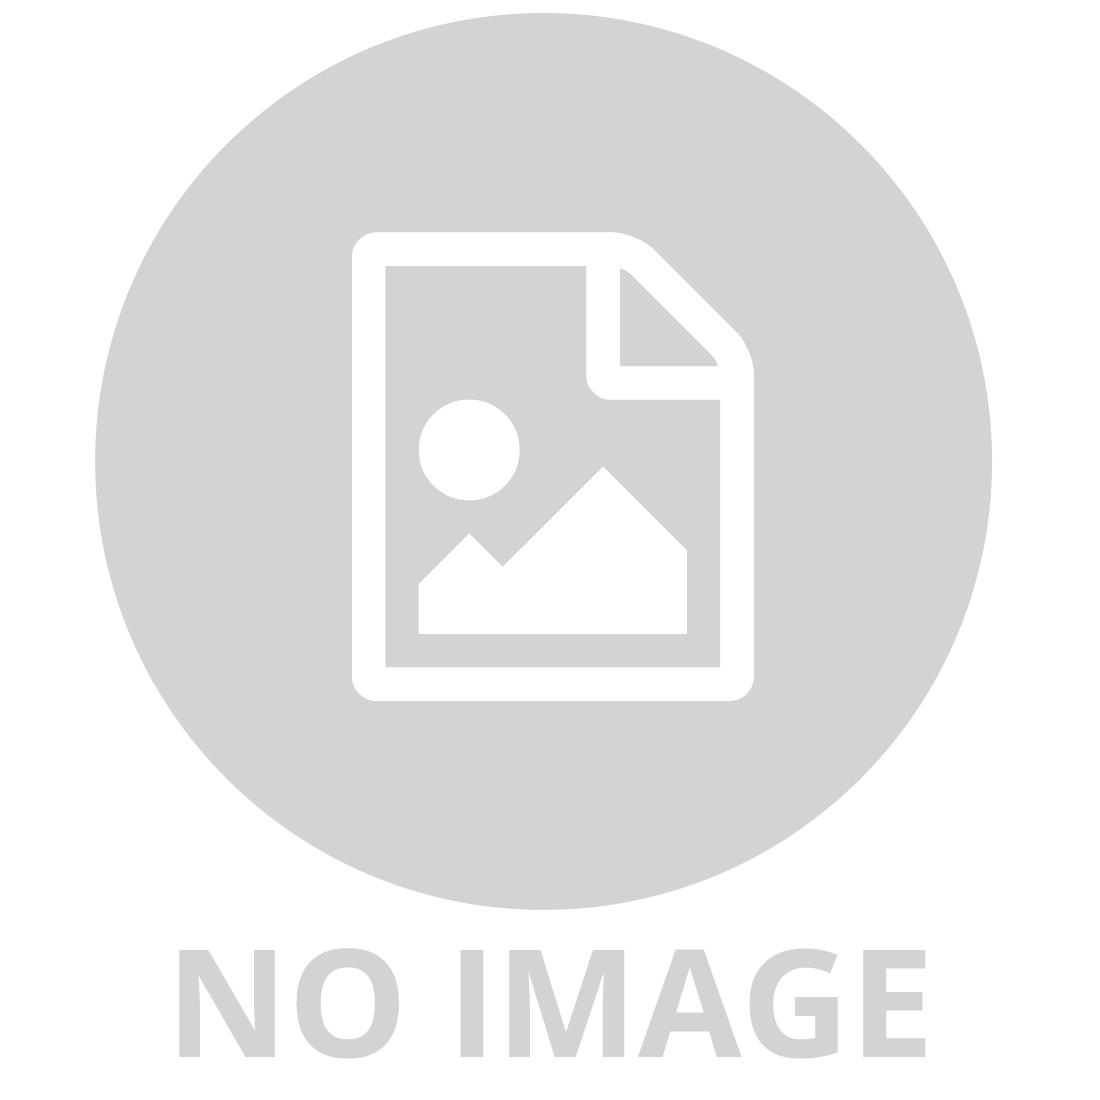 COLORIFIC GLOW ZONE PLANETS